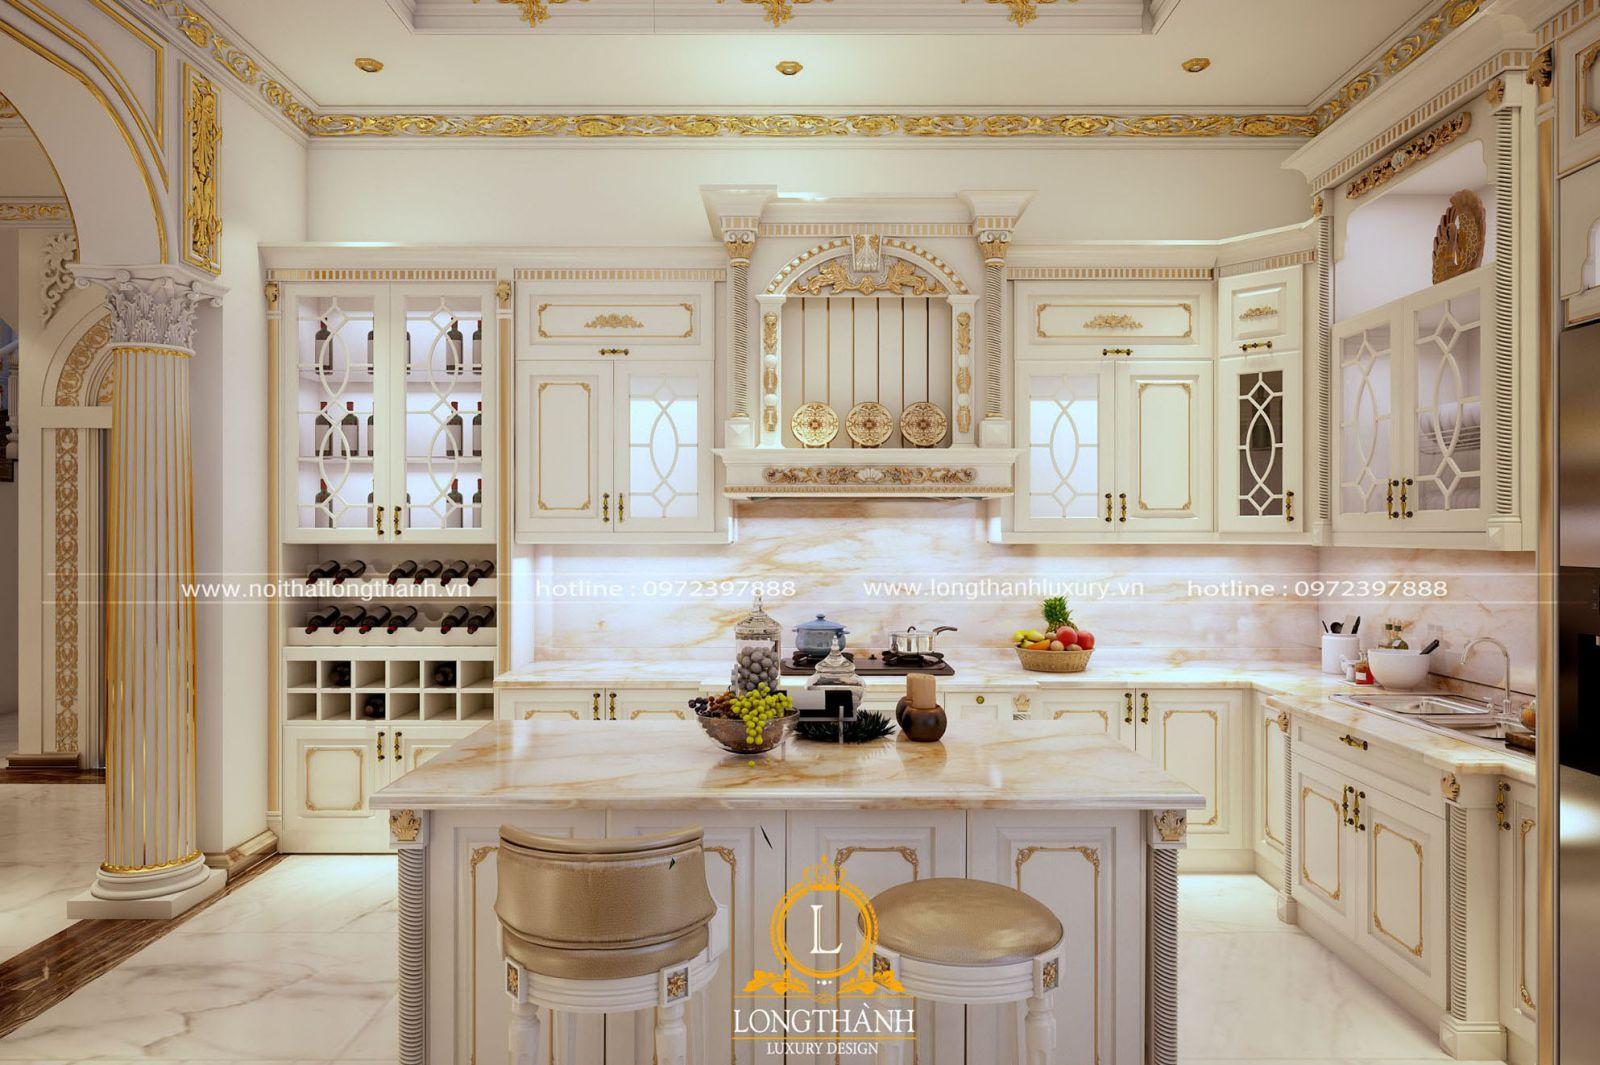 Tủ bếp tân cổ điển được thiết kế theo chữ L